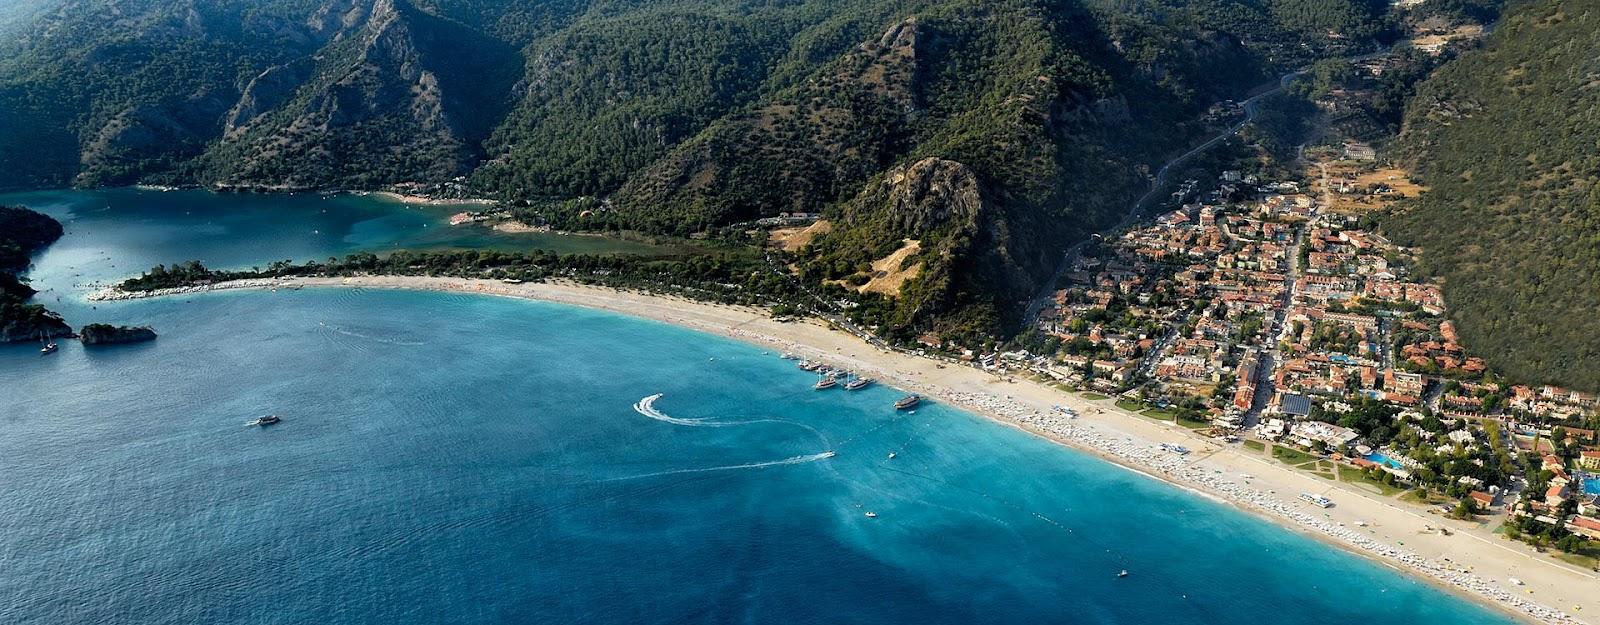 Oludeniz-beach-Fethiye-Turkey.jpg